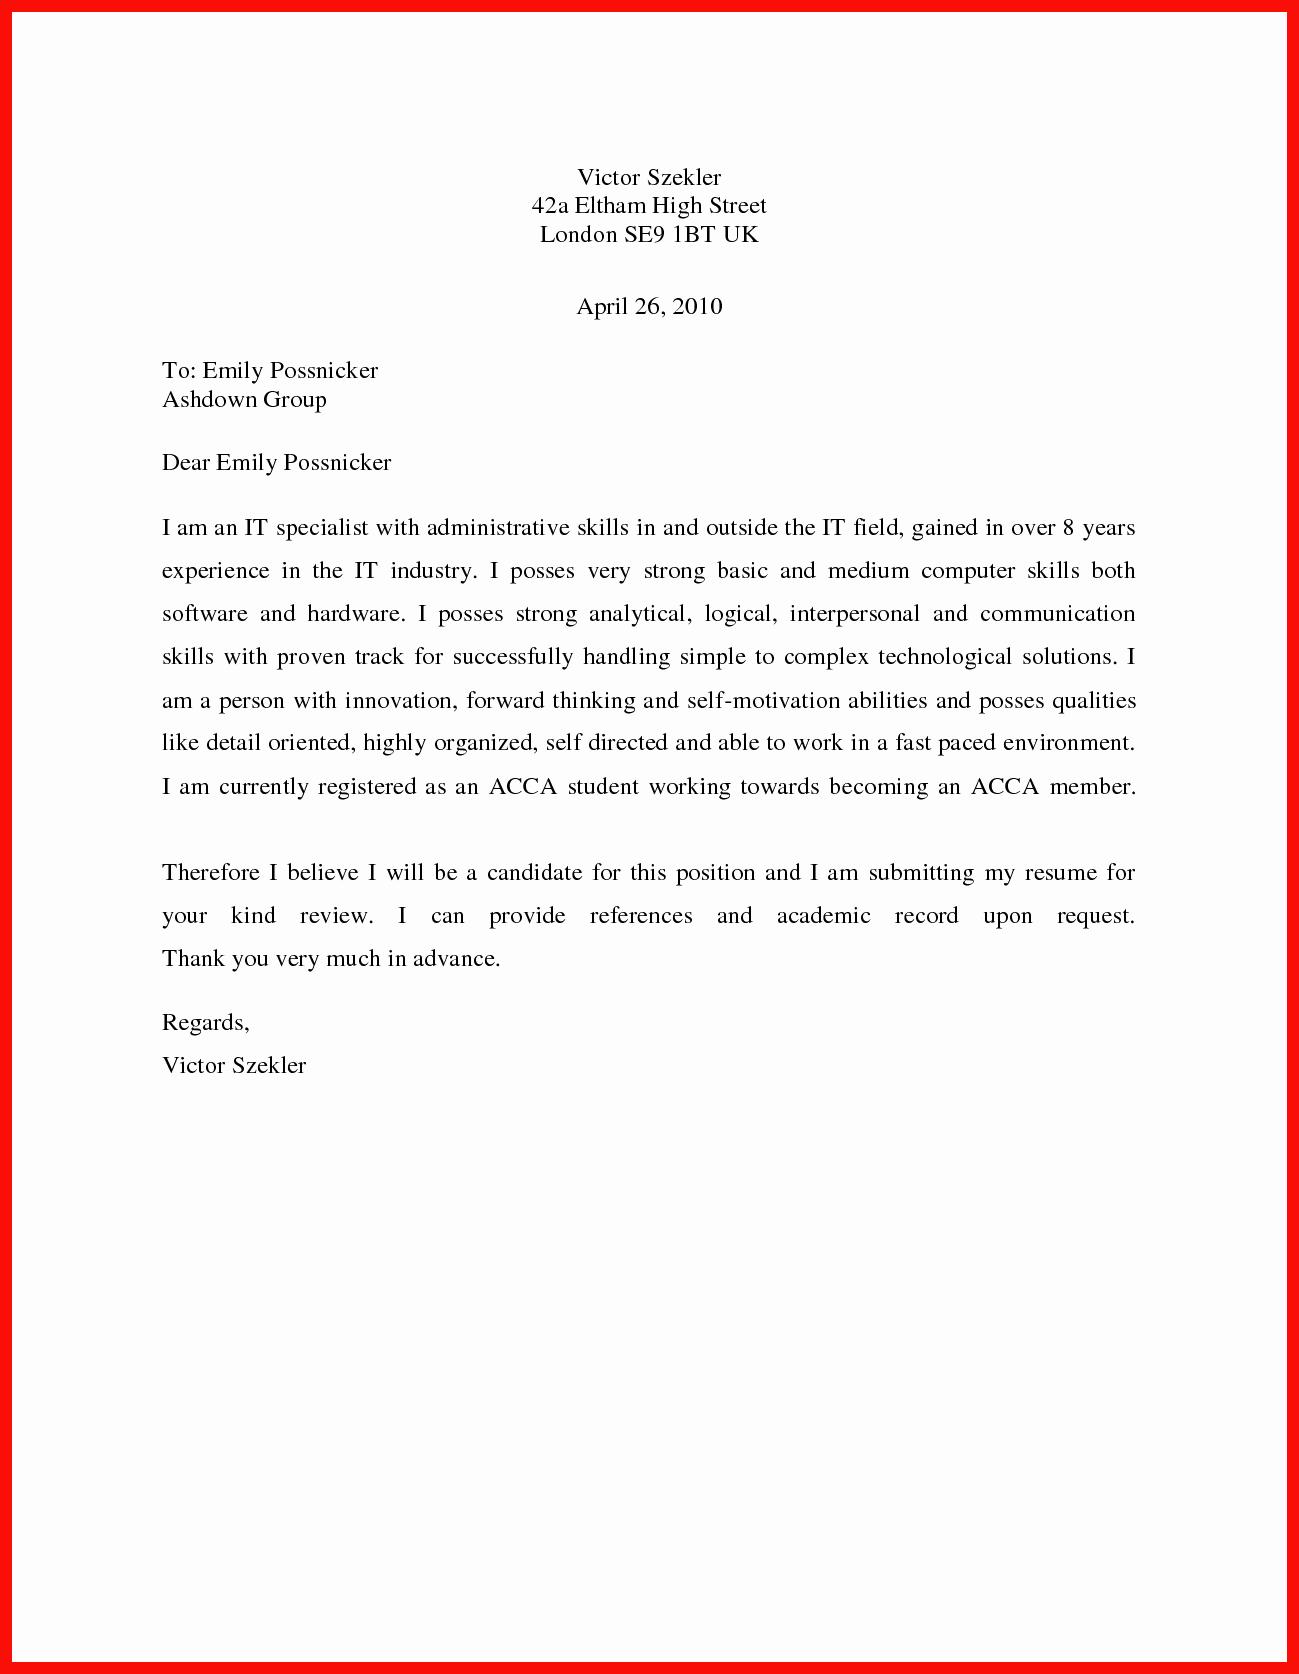 Basic Cover Letter Sample